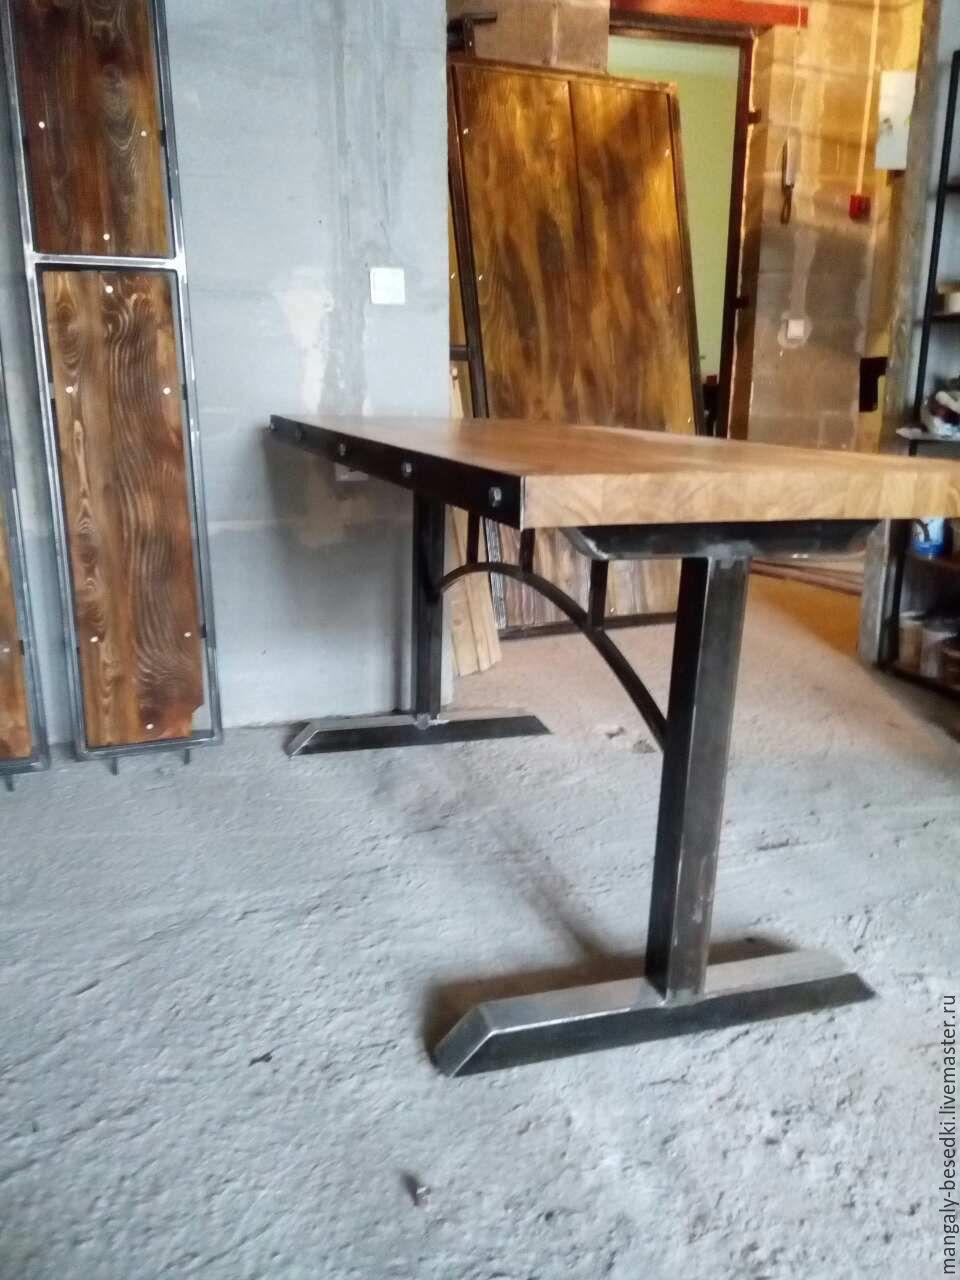 Стол в индустриальном стиле. Массив дуба толщиной 50 мм, оригинальное и очень удобное подстолье 60х60, готовая работа единственный экземпляр. Стол лофт. Стол в стиле лофт.